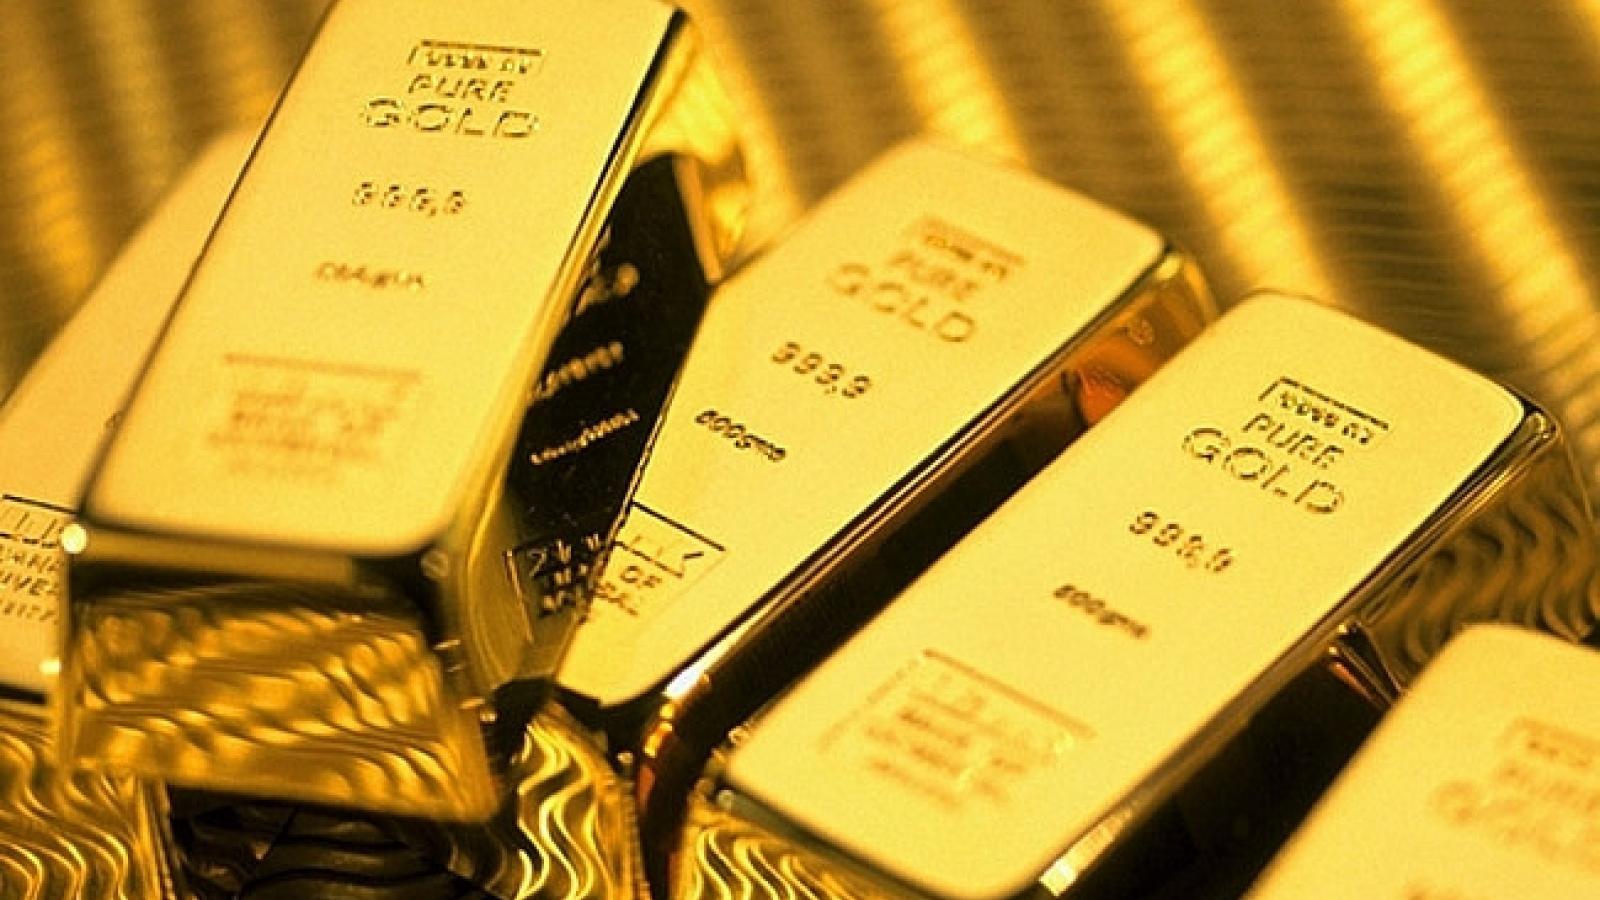 Giá vàng SJC đứng yên trong khi vàng thế giới tiếp tục lao dốc